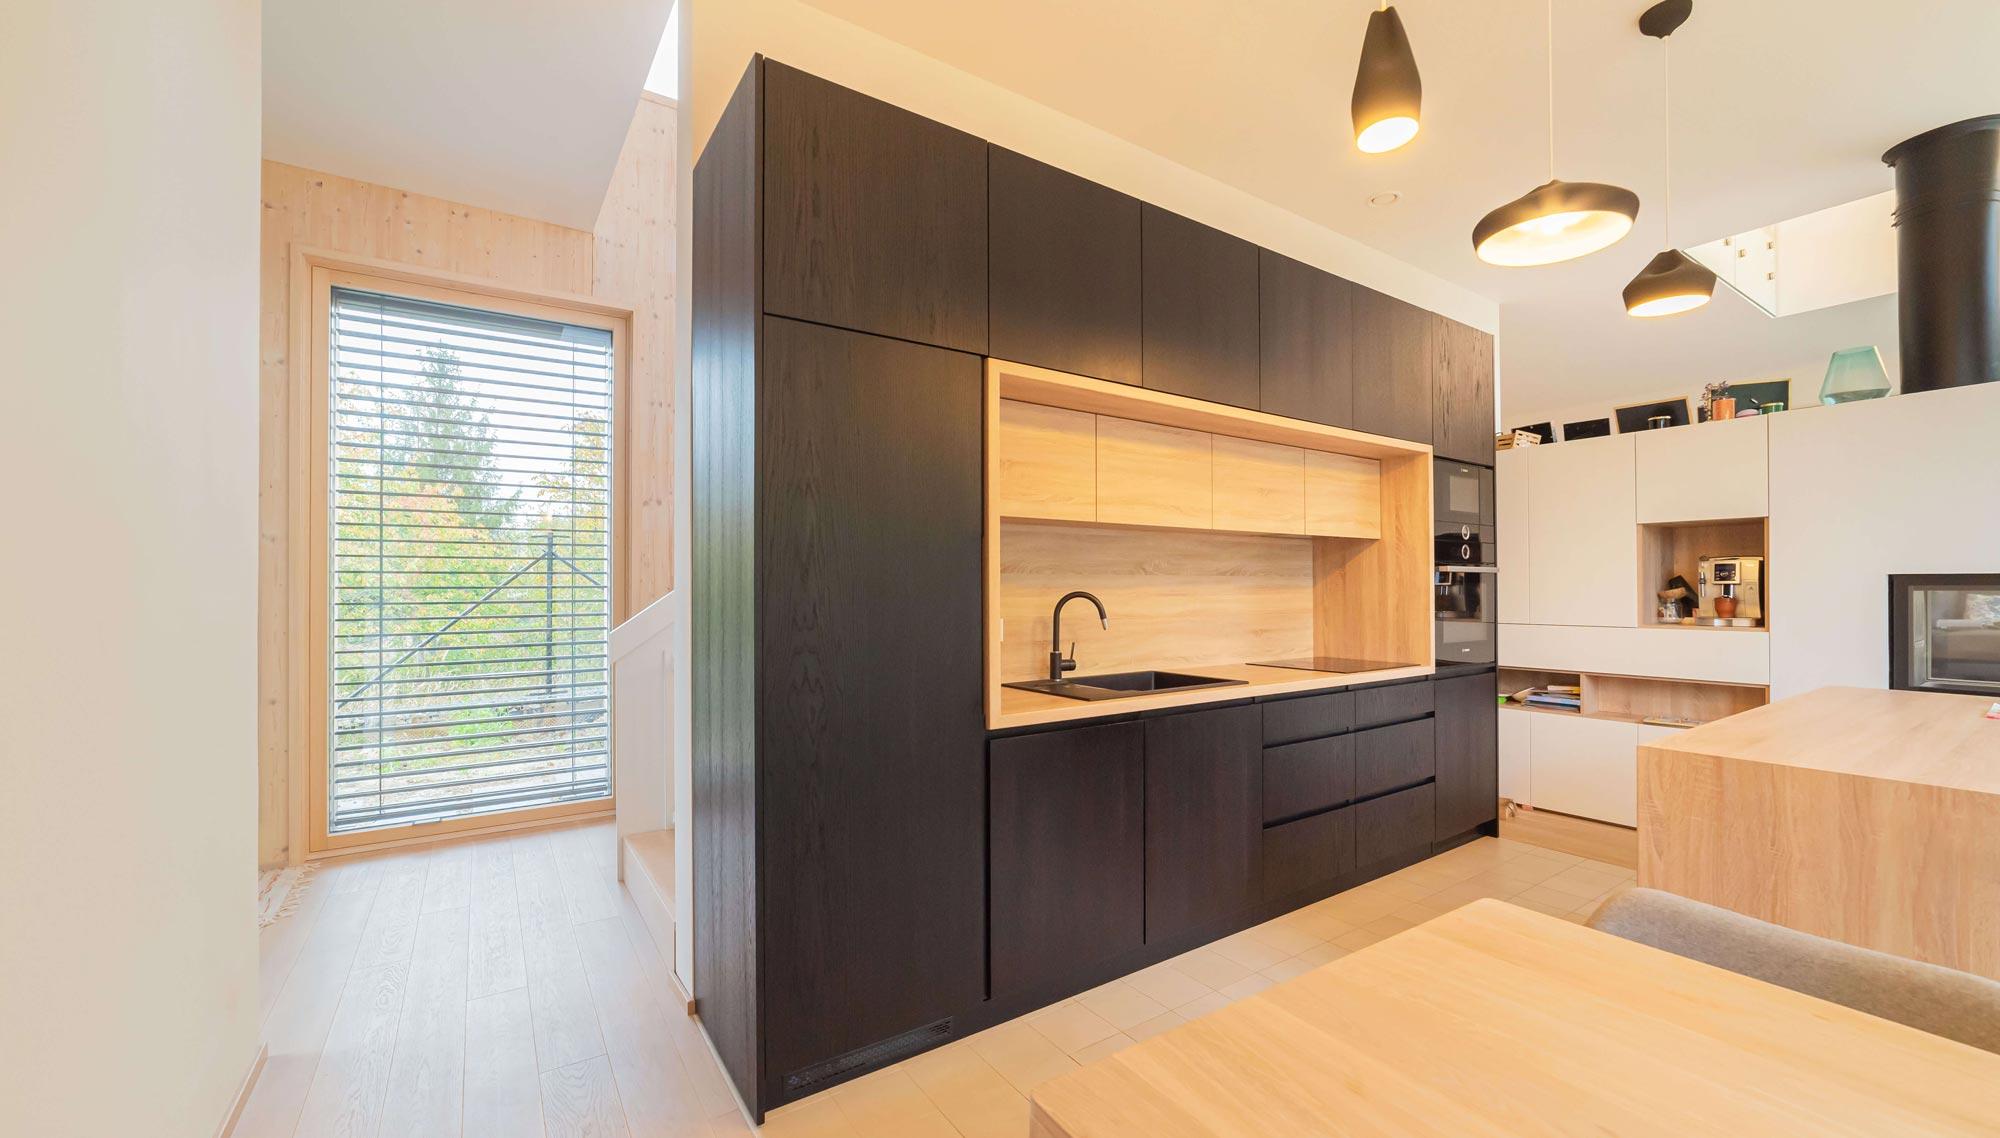 CLT panely drevostavba kuchyna